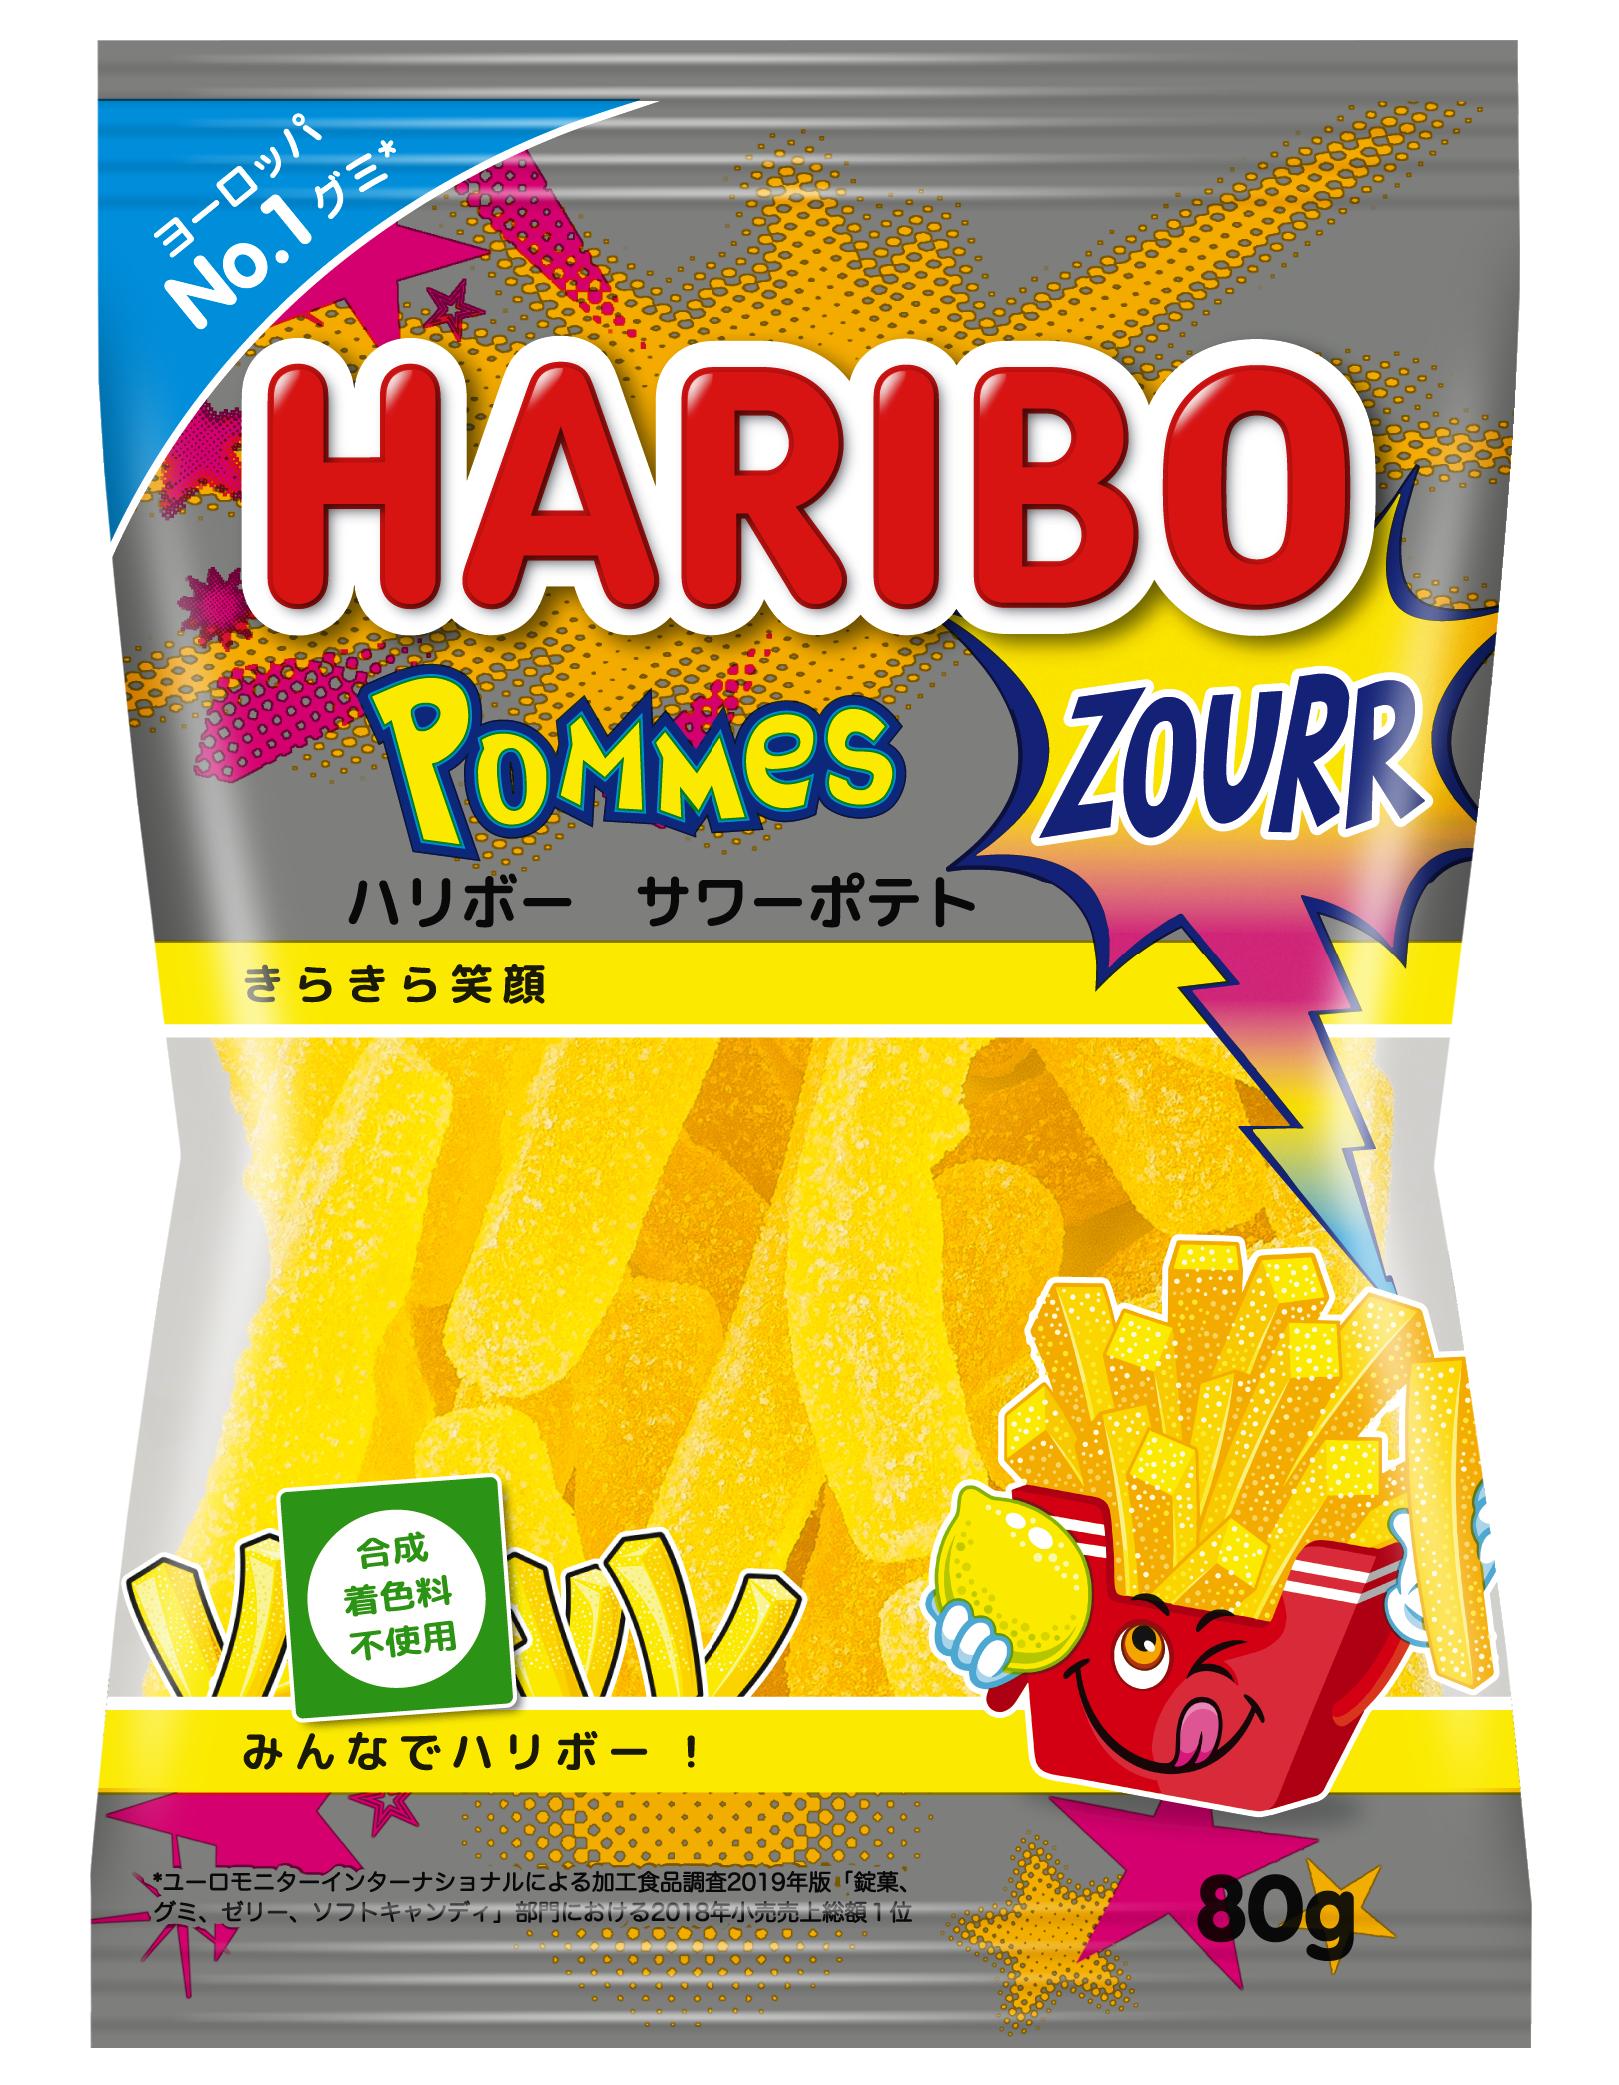 Bag of HARIBO Pommes Zourr